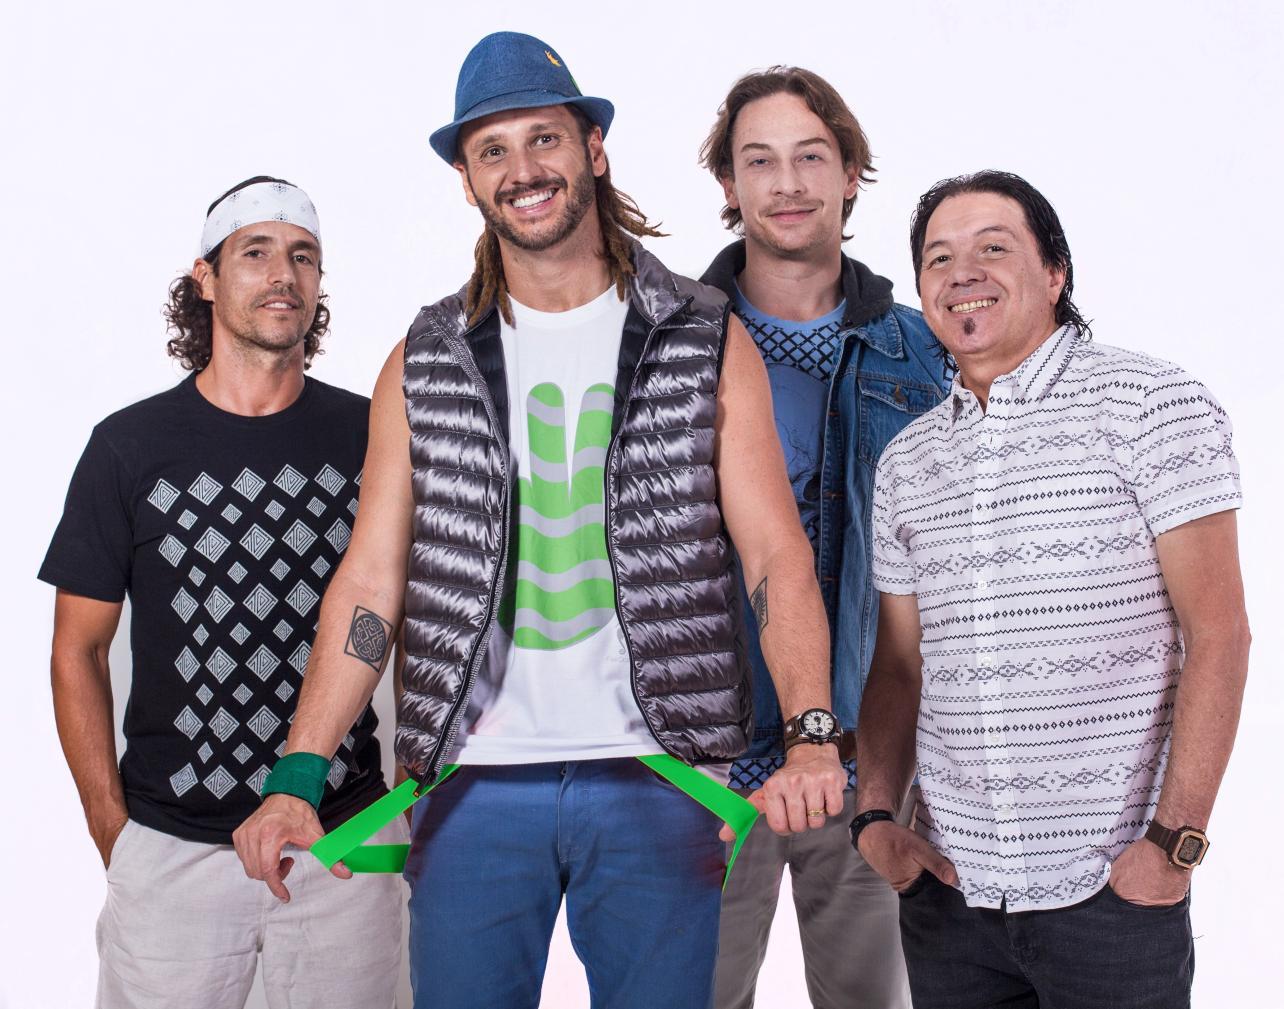 Grupo Falamansa encerrará a programação de shows em Cordeirópolis